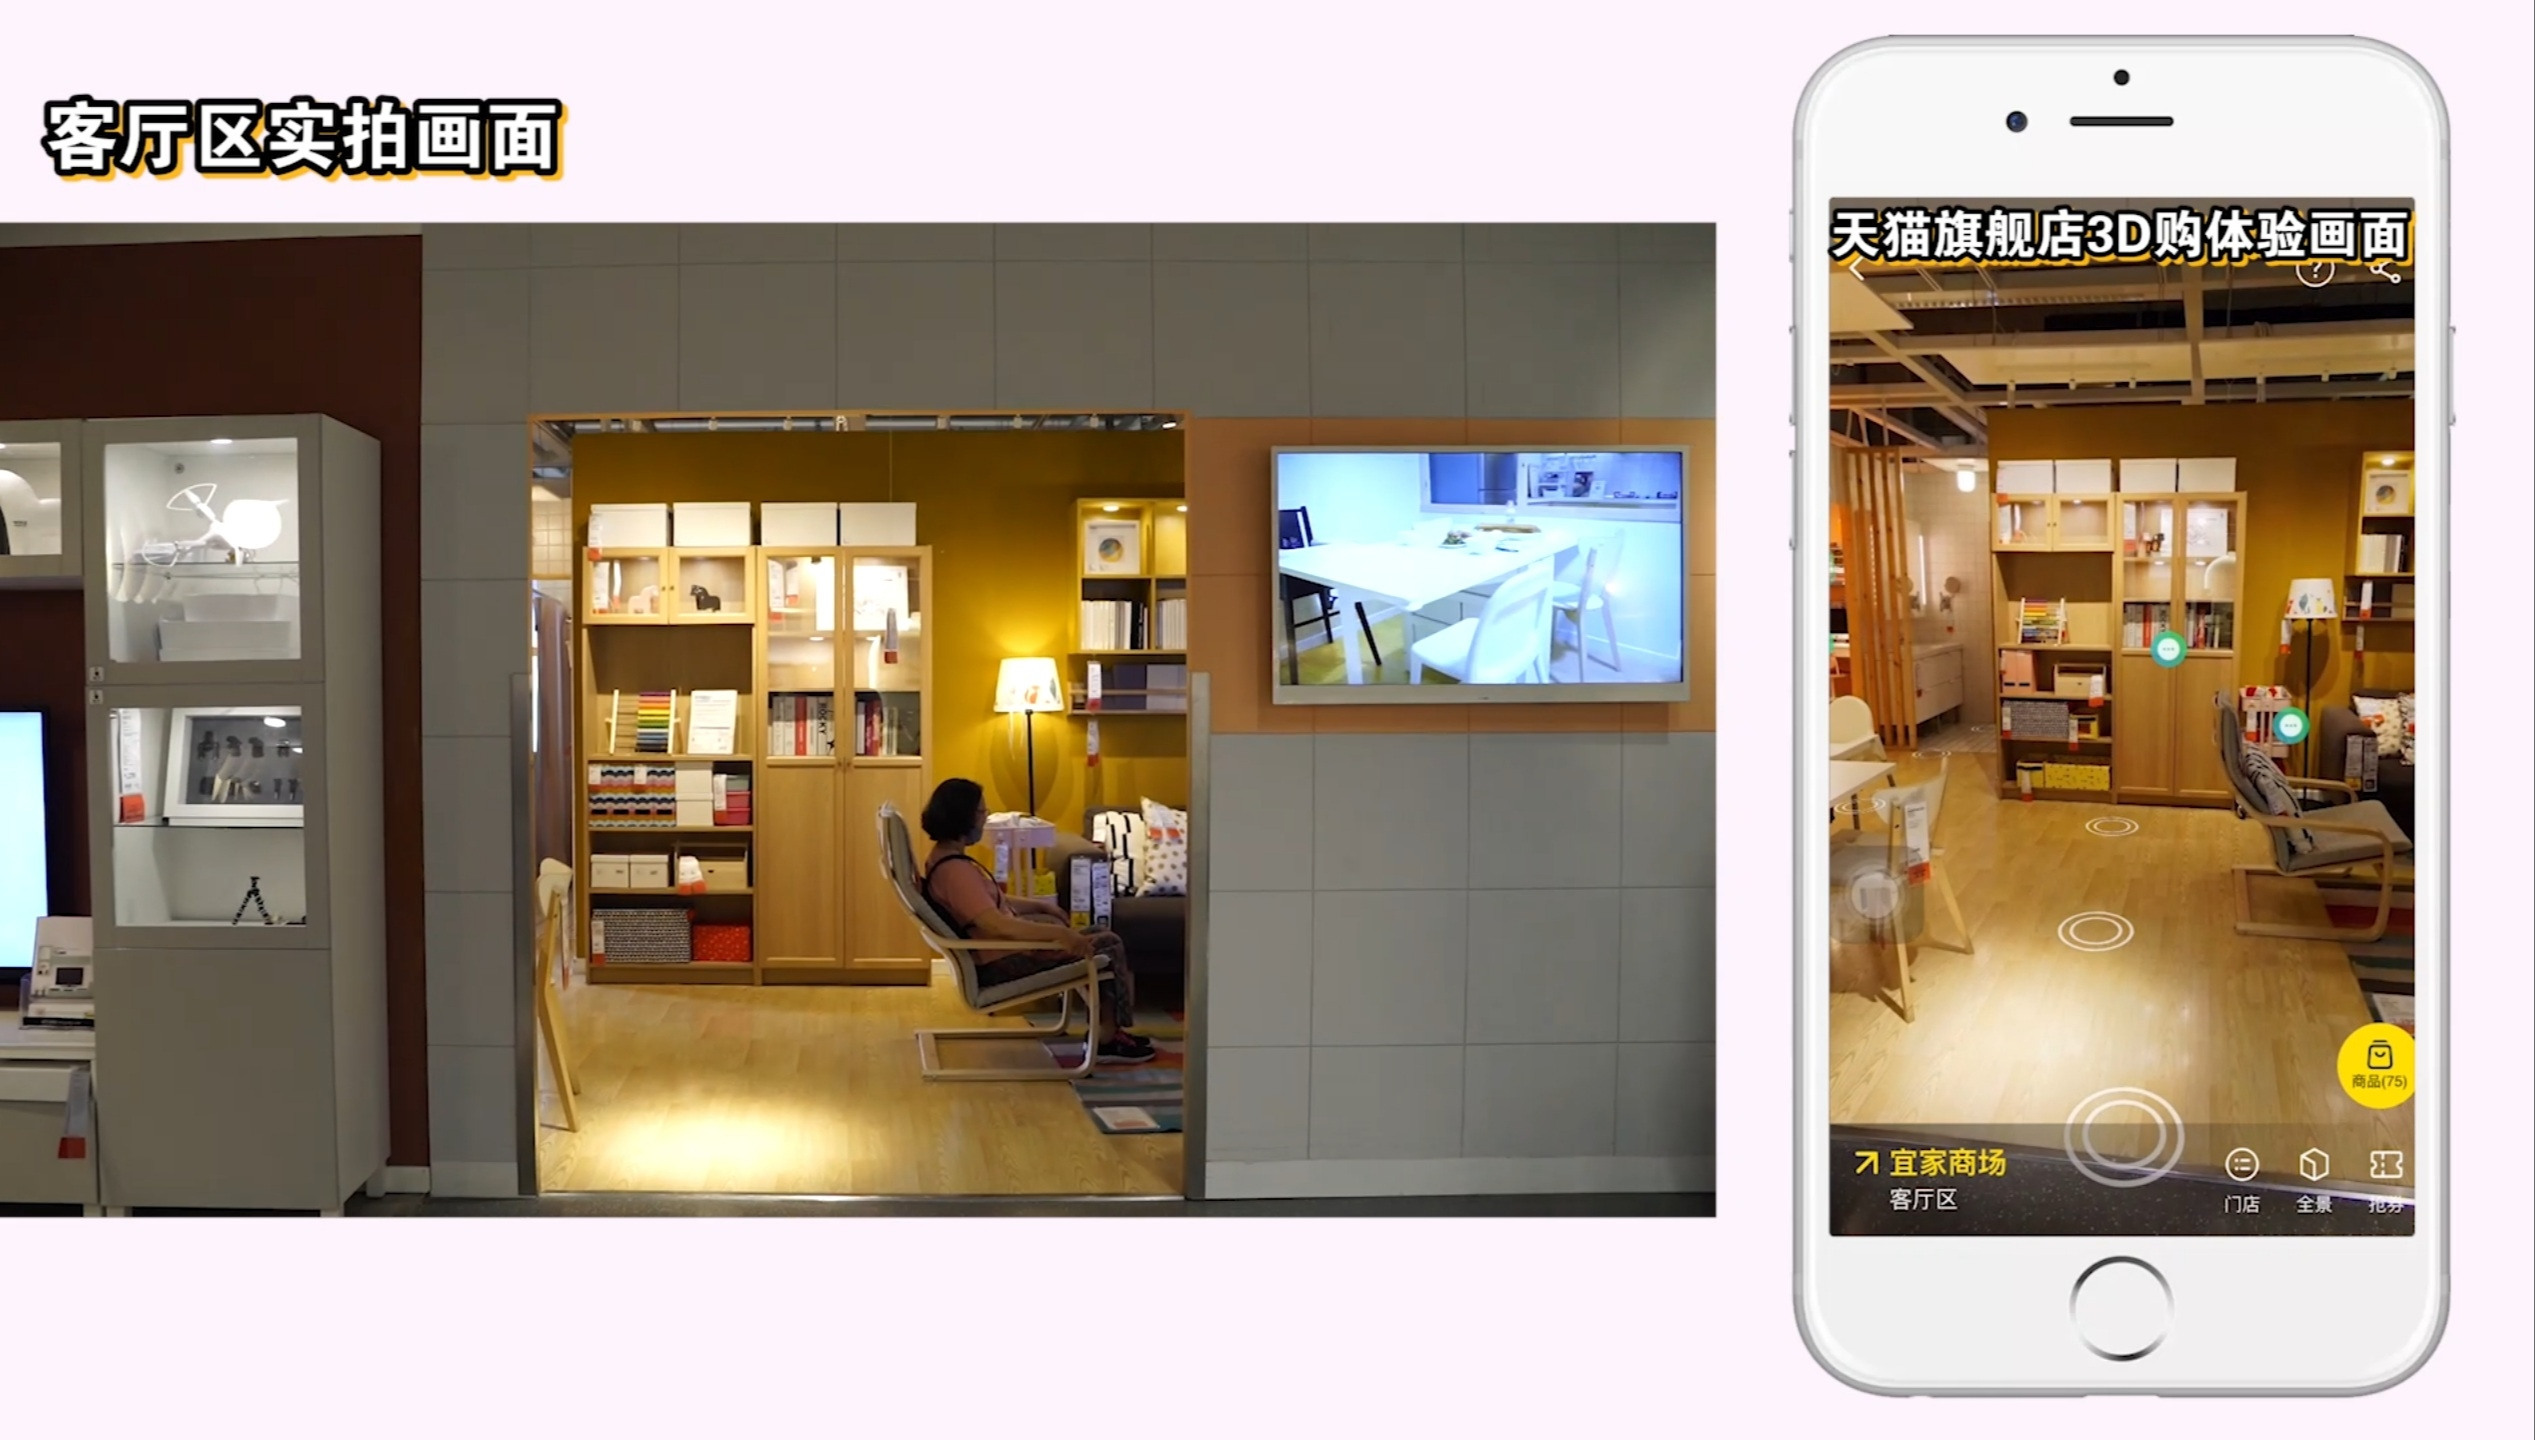 天猫顾家家居实体店_6982亿创新纪录!天猫618背后的技术创新:3D购、AR、小时达-天猫 ...